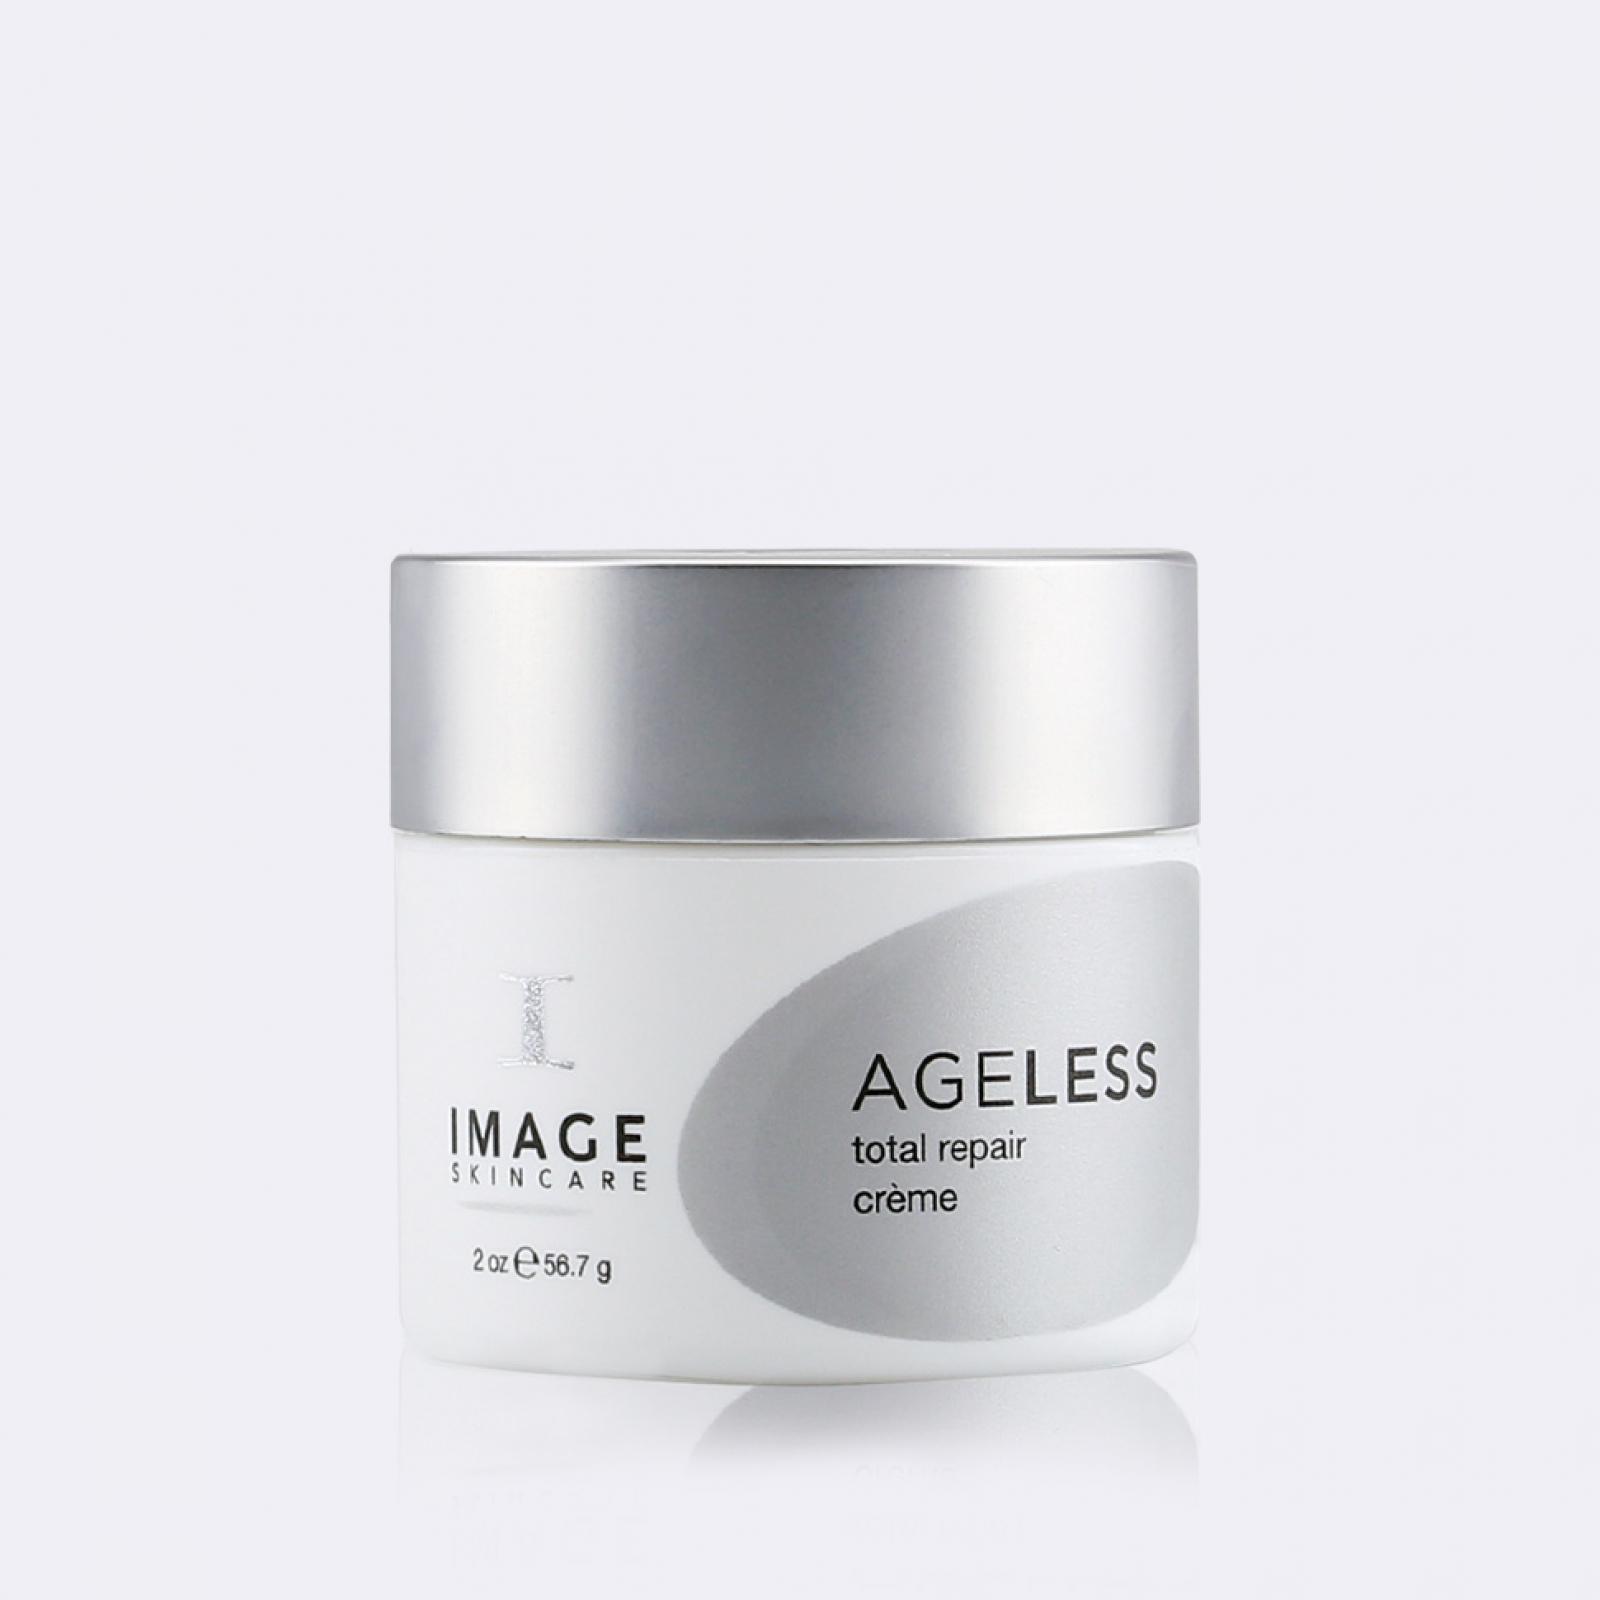 AGELESS total repair creme - Омолаживающий ночной крем